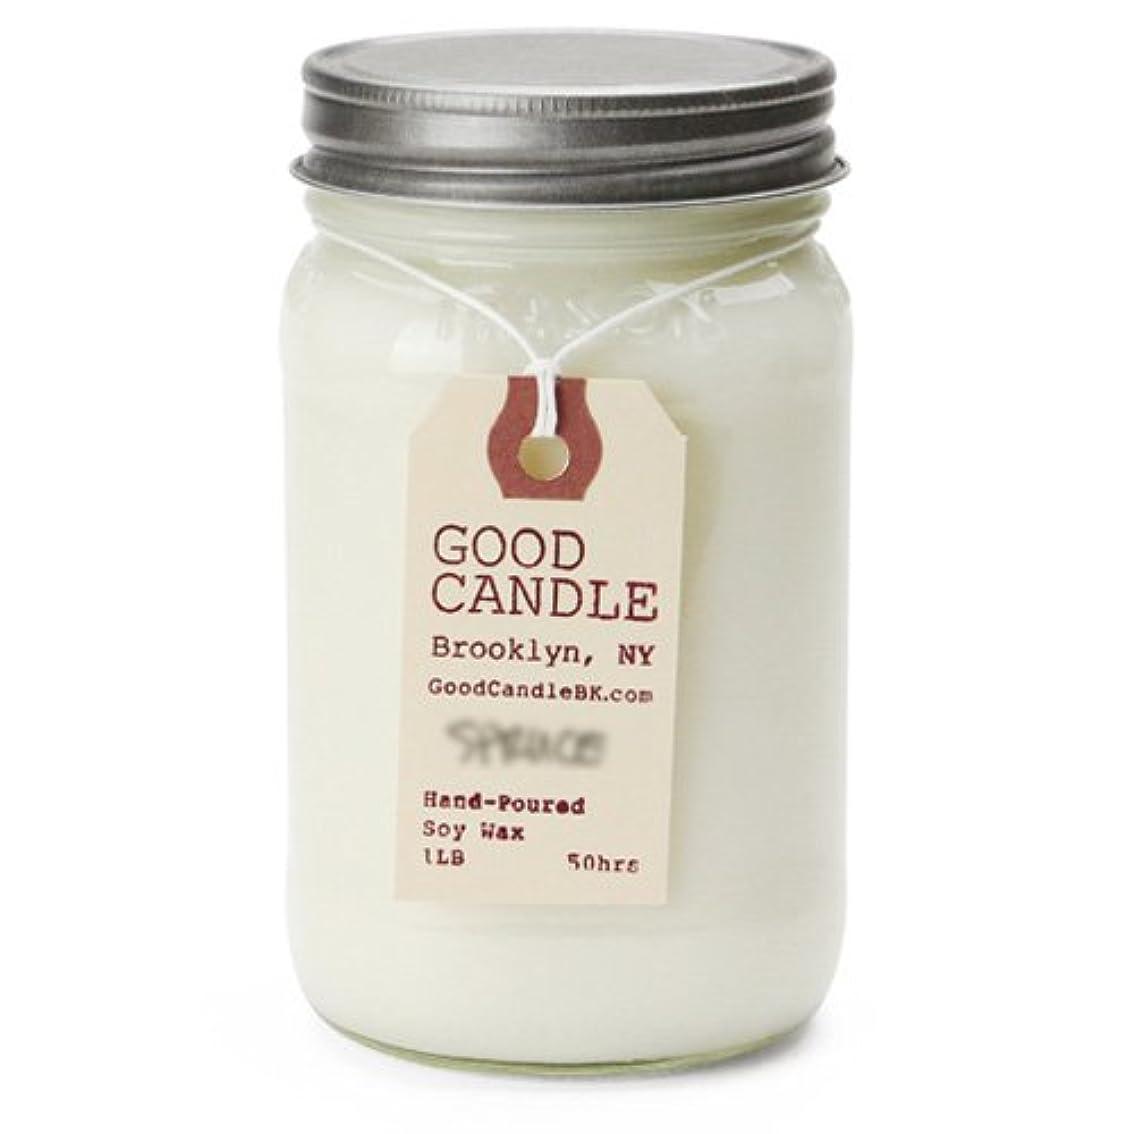 蒸留するおんどりサーキュレーショングッドキャンドル 1ポンド メイソンジャー キャンドル Good Candle 1LB Mason jar candle [ Wash board ] 正規品